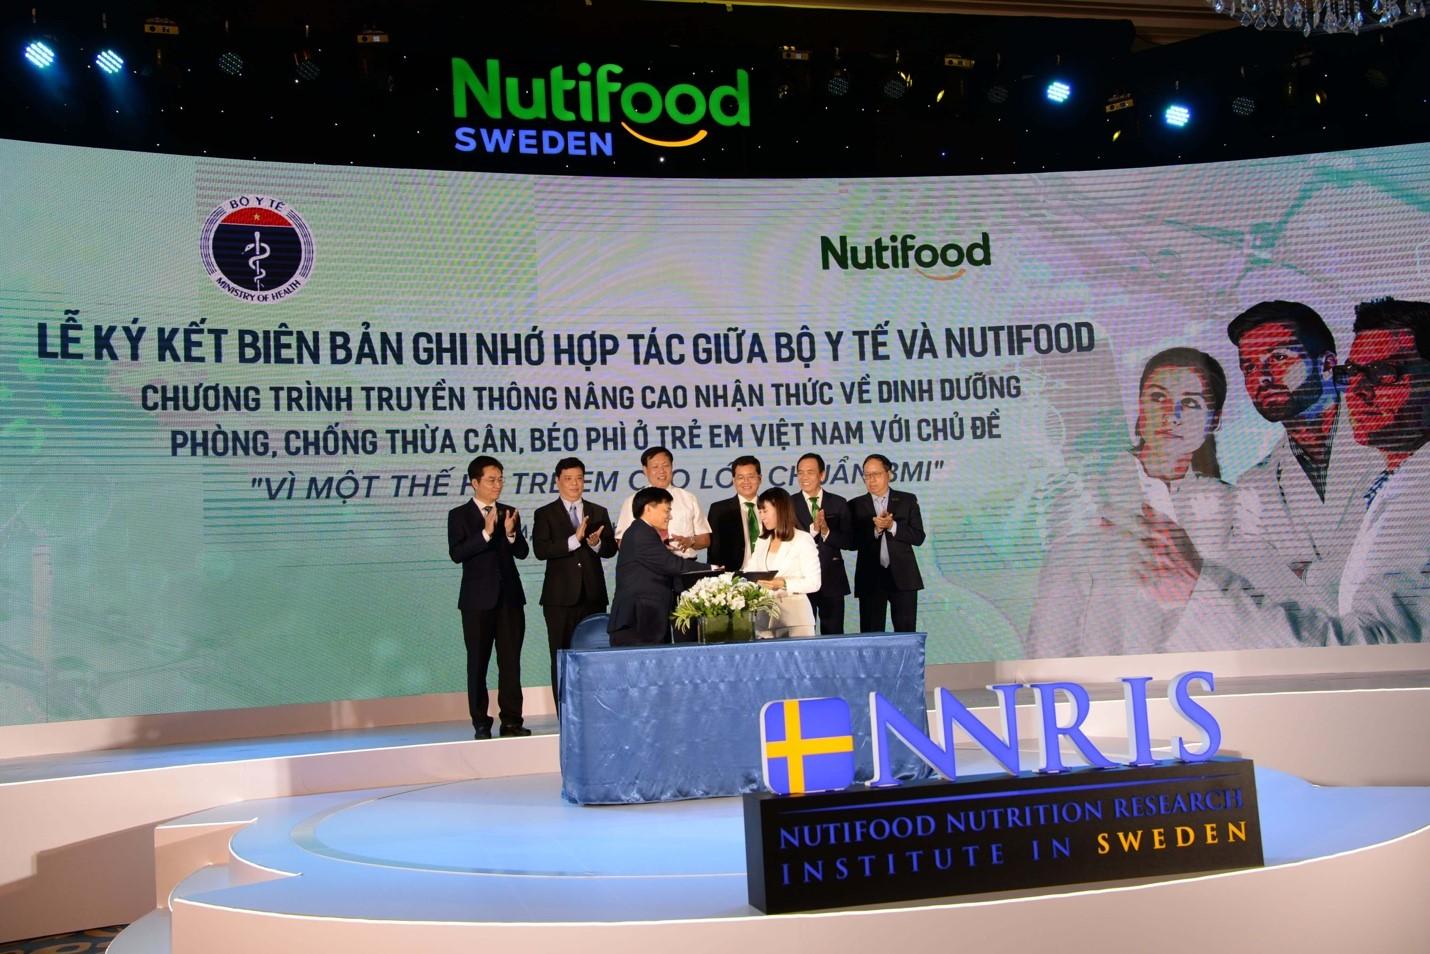 Trẻ em Việt Nam đối diện nguy cơ kép: Vừa suy dinh dưỡng, vừa béo phì